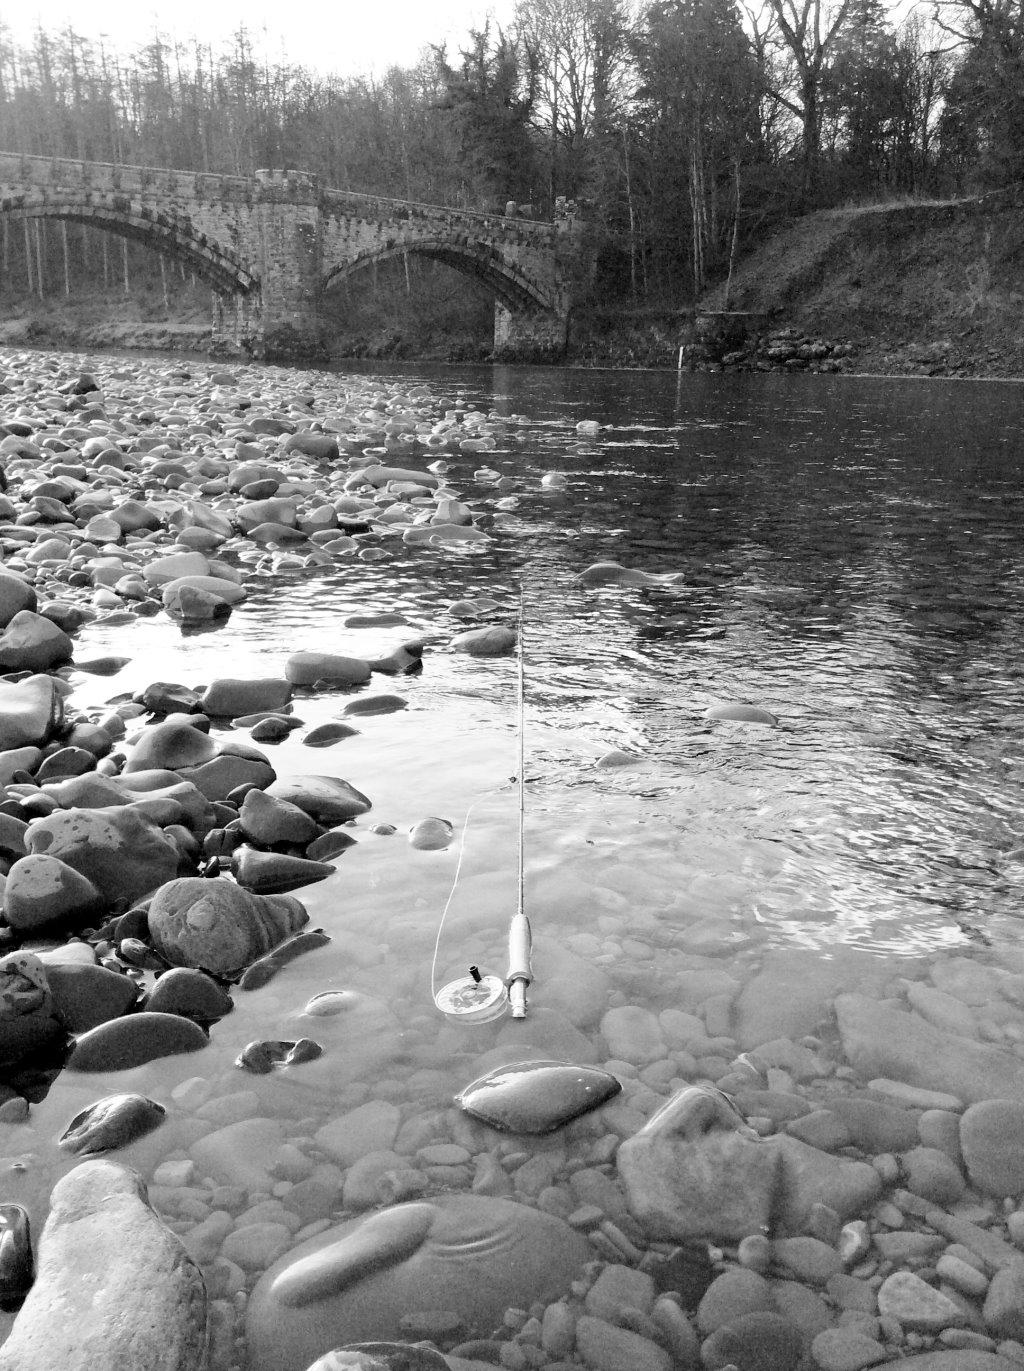 rod in river